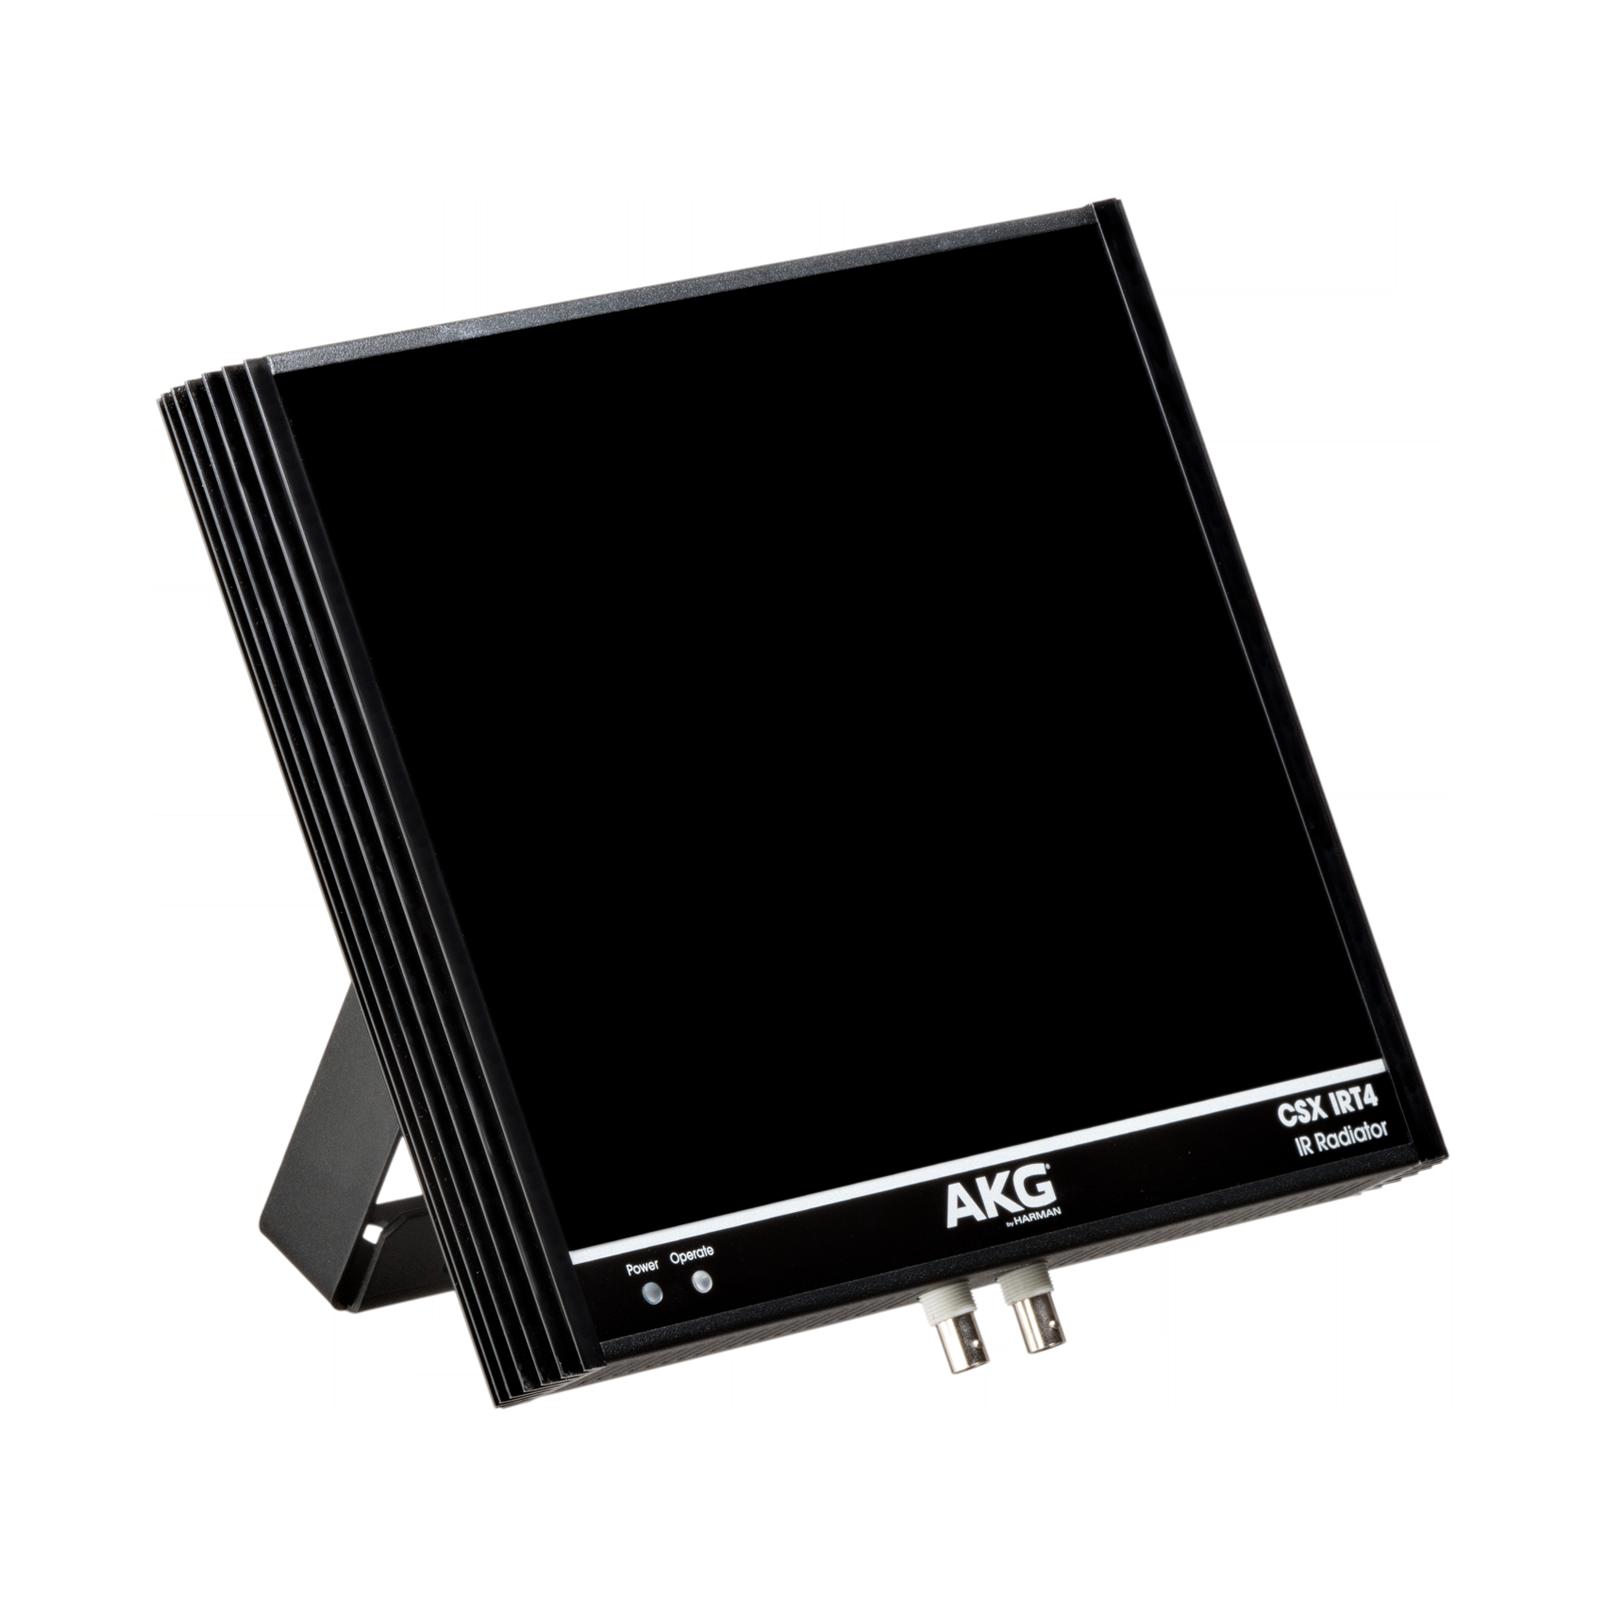 CSX IRT4 - Black - 10 channel infrared transmitter +/-60° - Hero